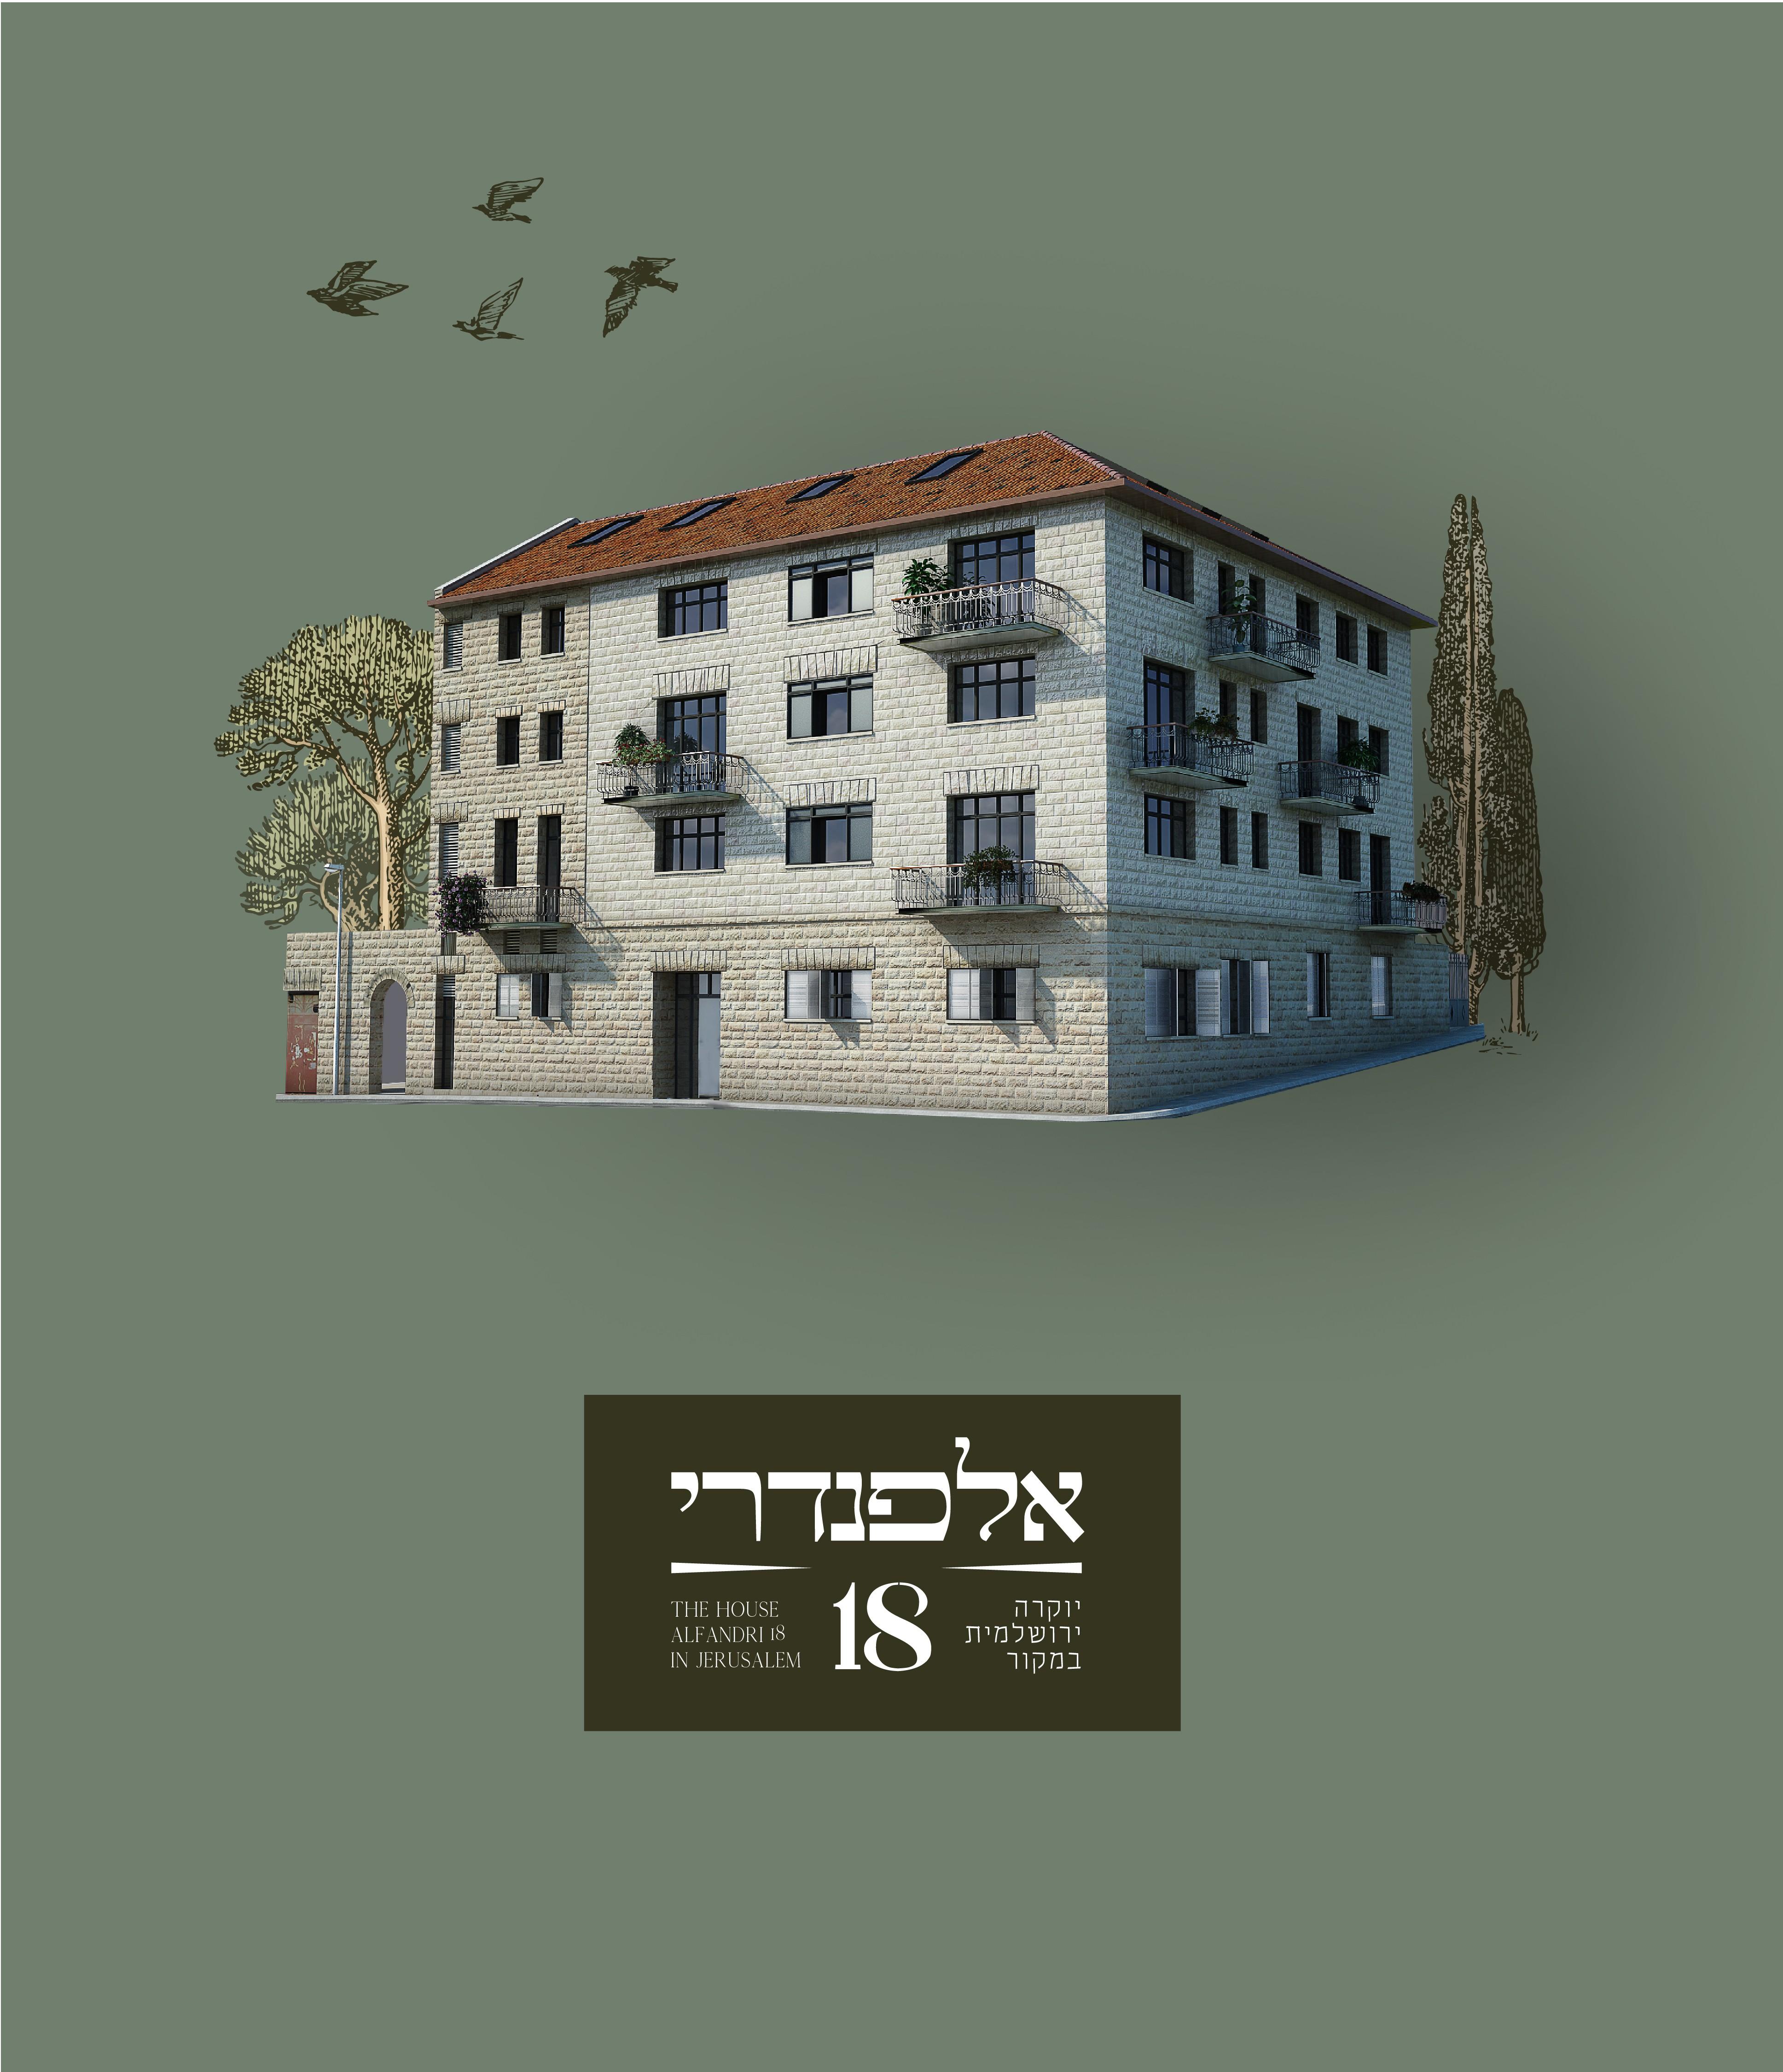 אלפנדרי 18 ירושלים